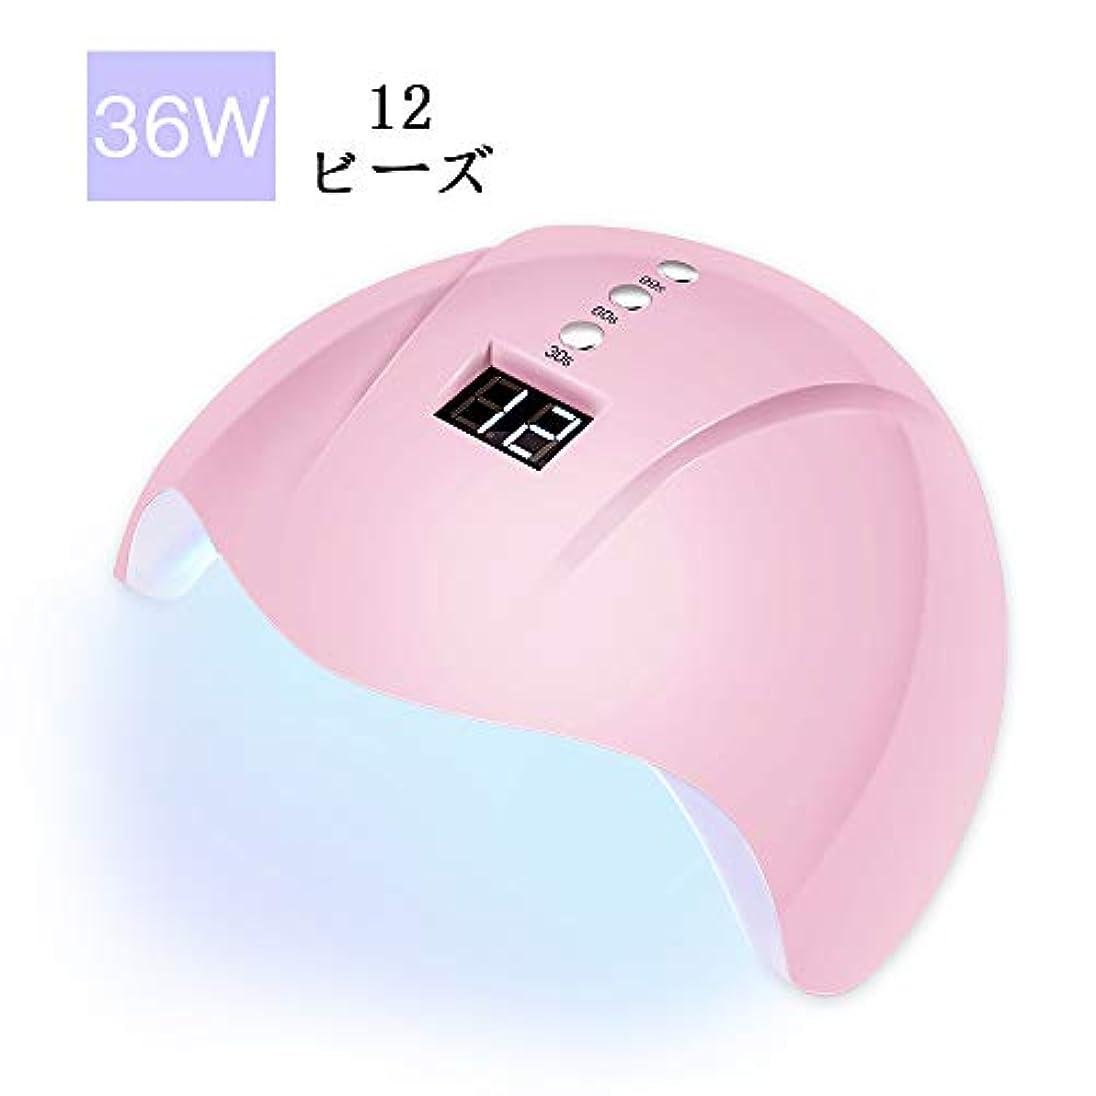 タヒチ科学的名目上のWEVILI 2019最新版 UV LED ジェルネイル ライト ネイルドライヤー 全ジェル対応 自動センサー 3段階タイマー設定 12LED 高速硬化